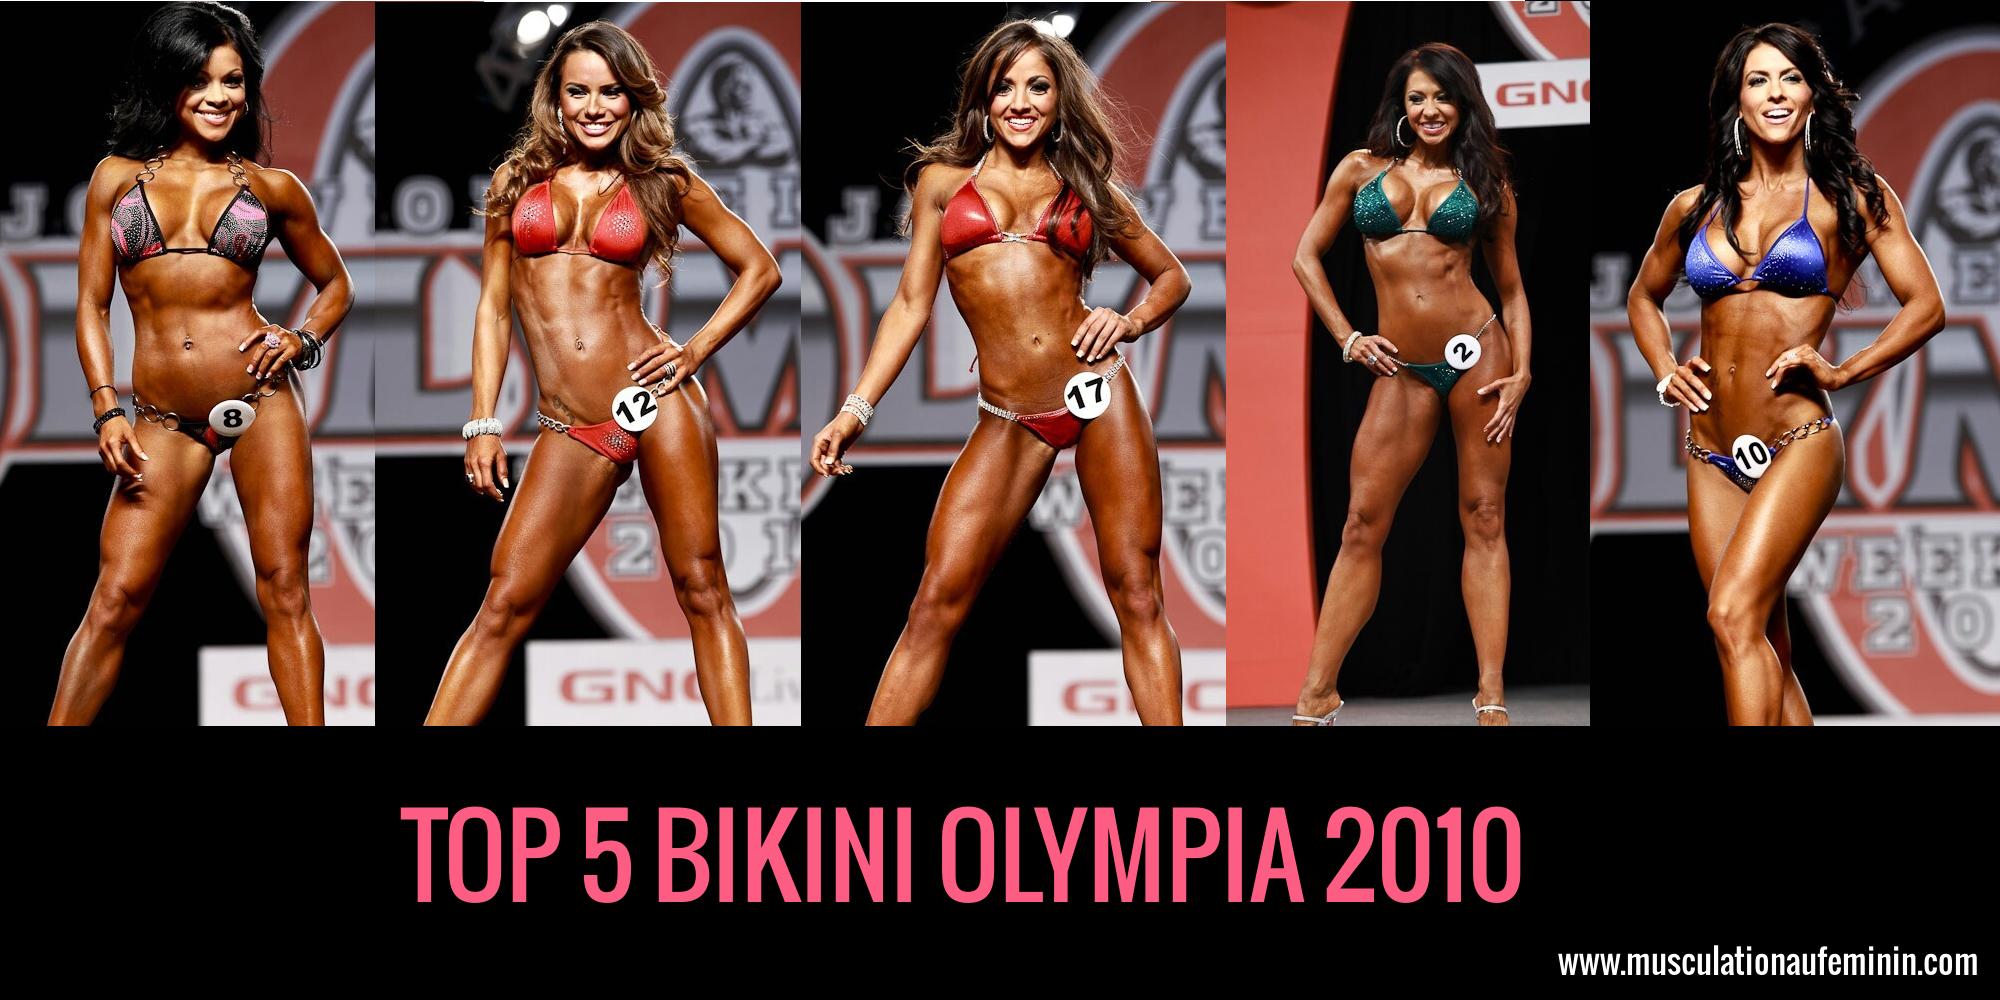 top-5-bikini-olympia-2010